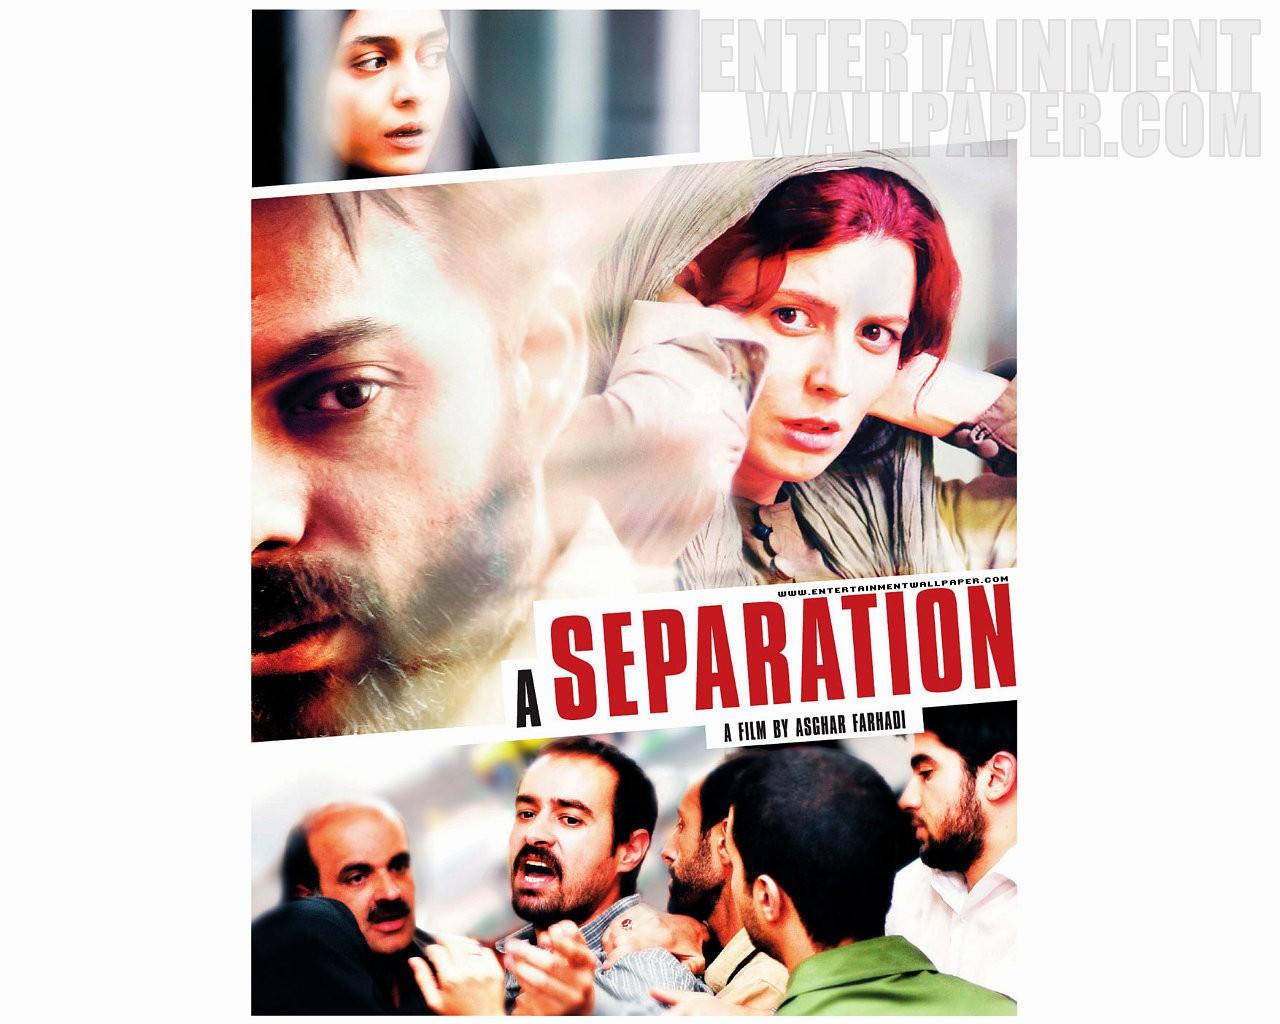 http://3.bp.blogspot.com/-CRNkHivxnhA/UHg1k5pUbJI/AAAAAAAAAXU/9Laj806k1Ms/s1600/a-separation02.jpg